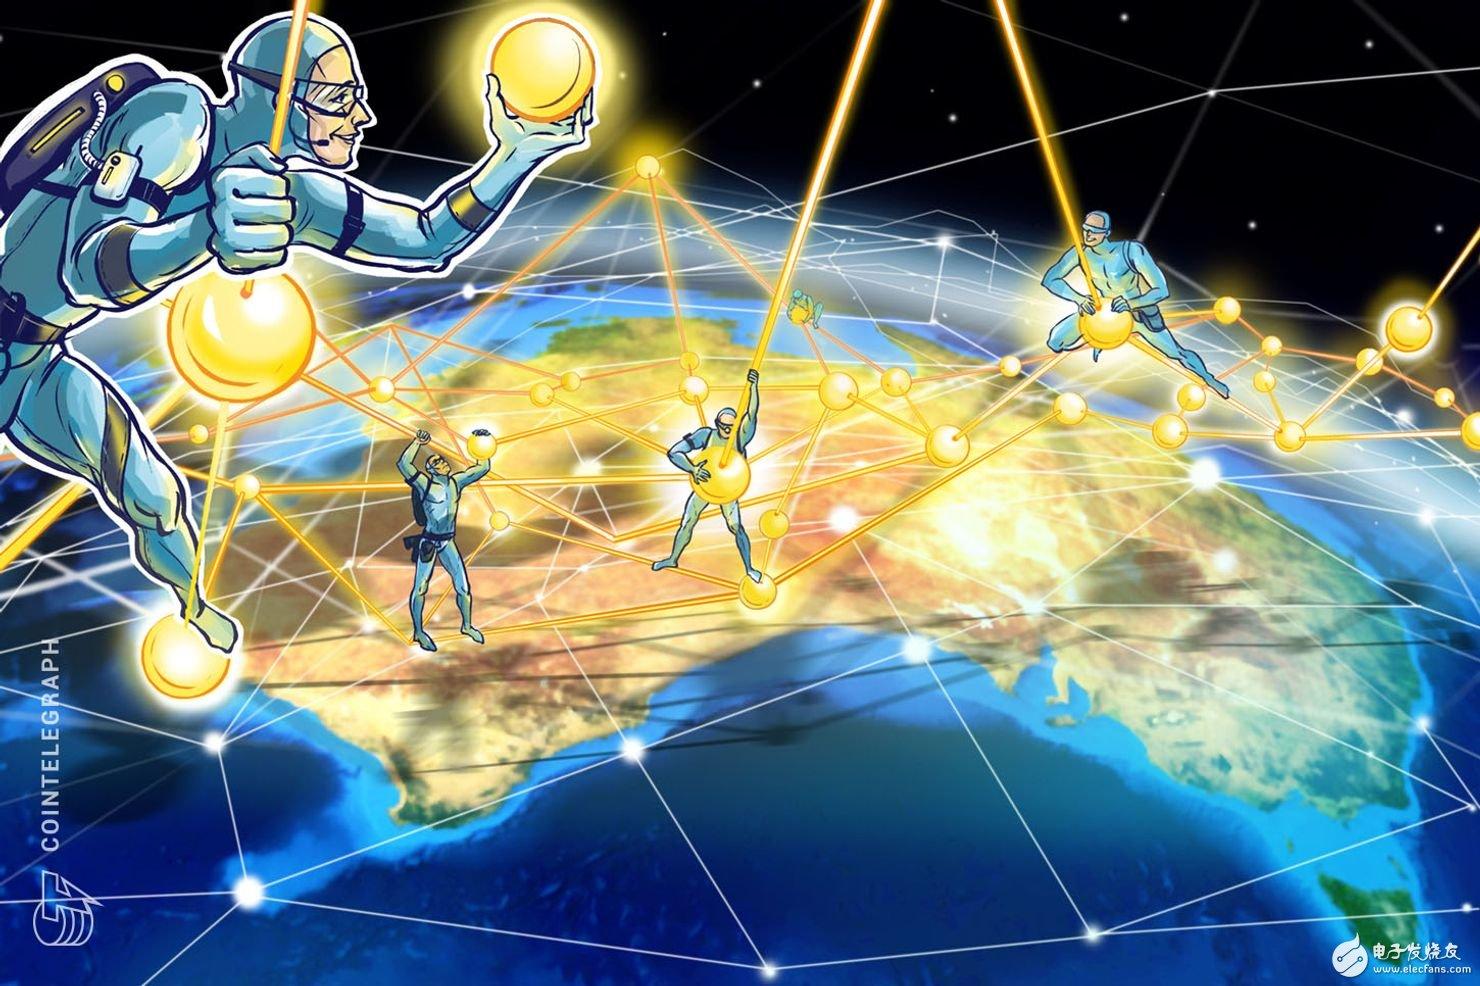 世界银行希望利用区块链技术将其在世界各地发行债券...